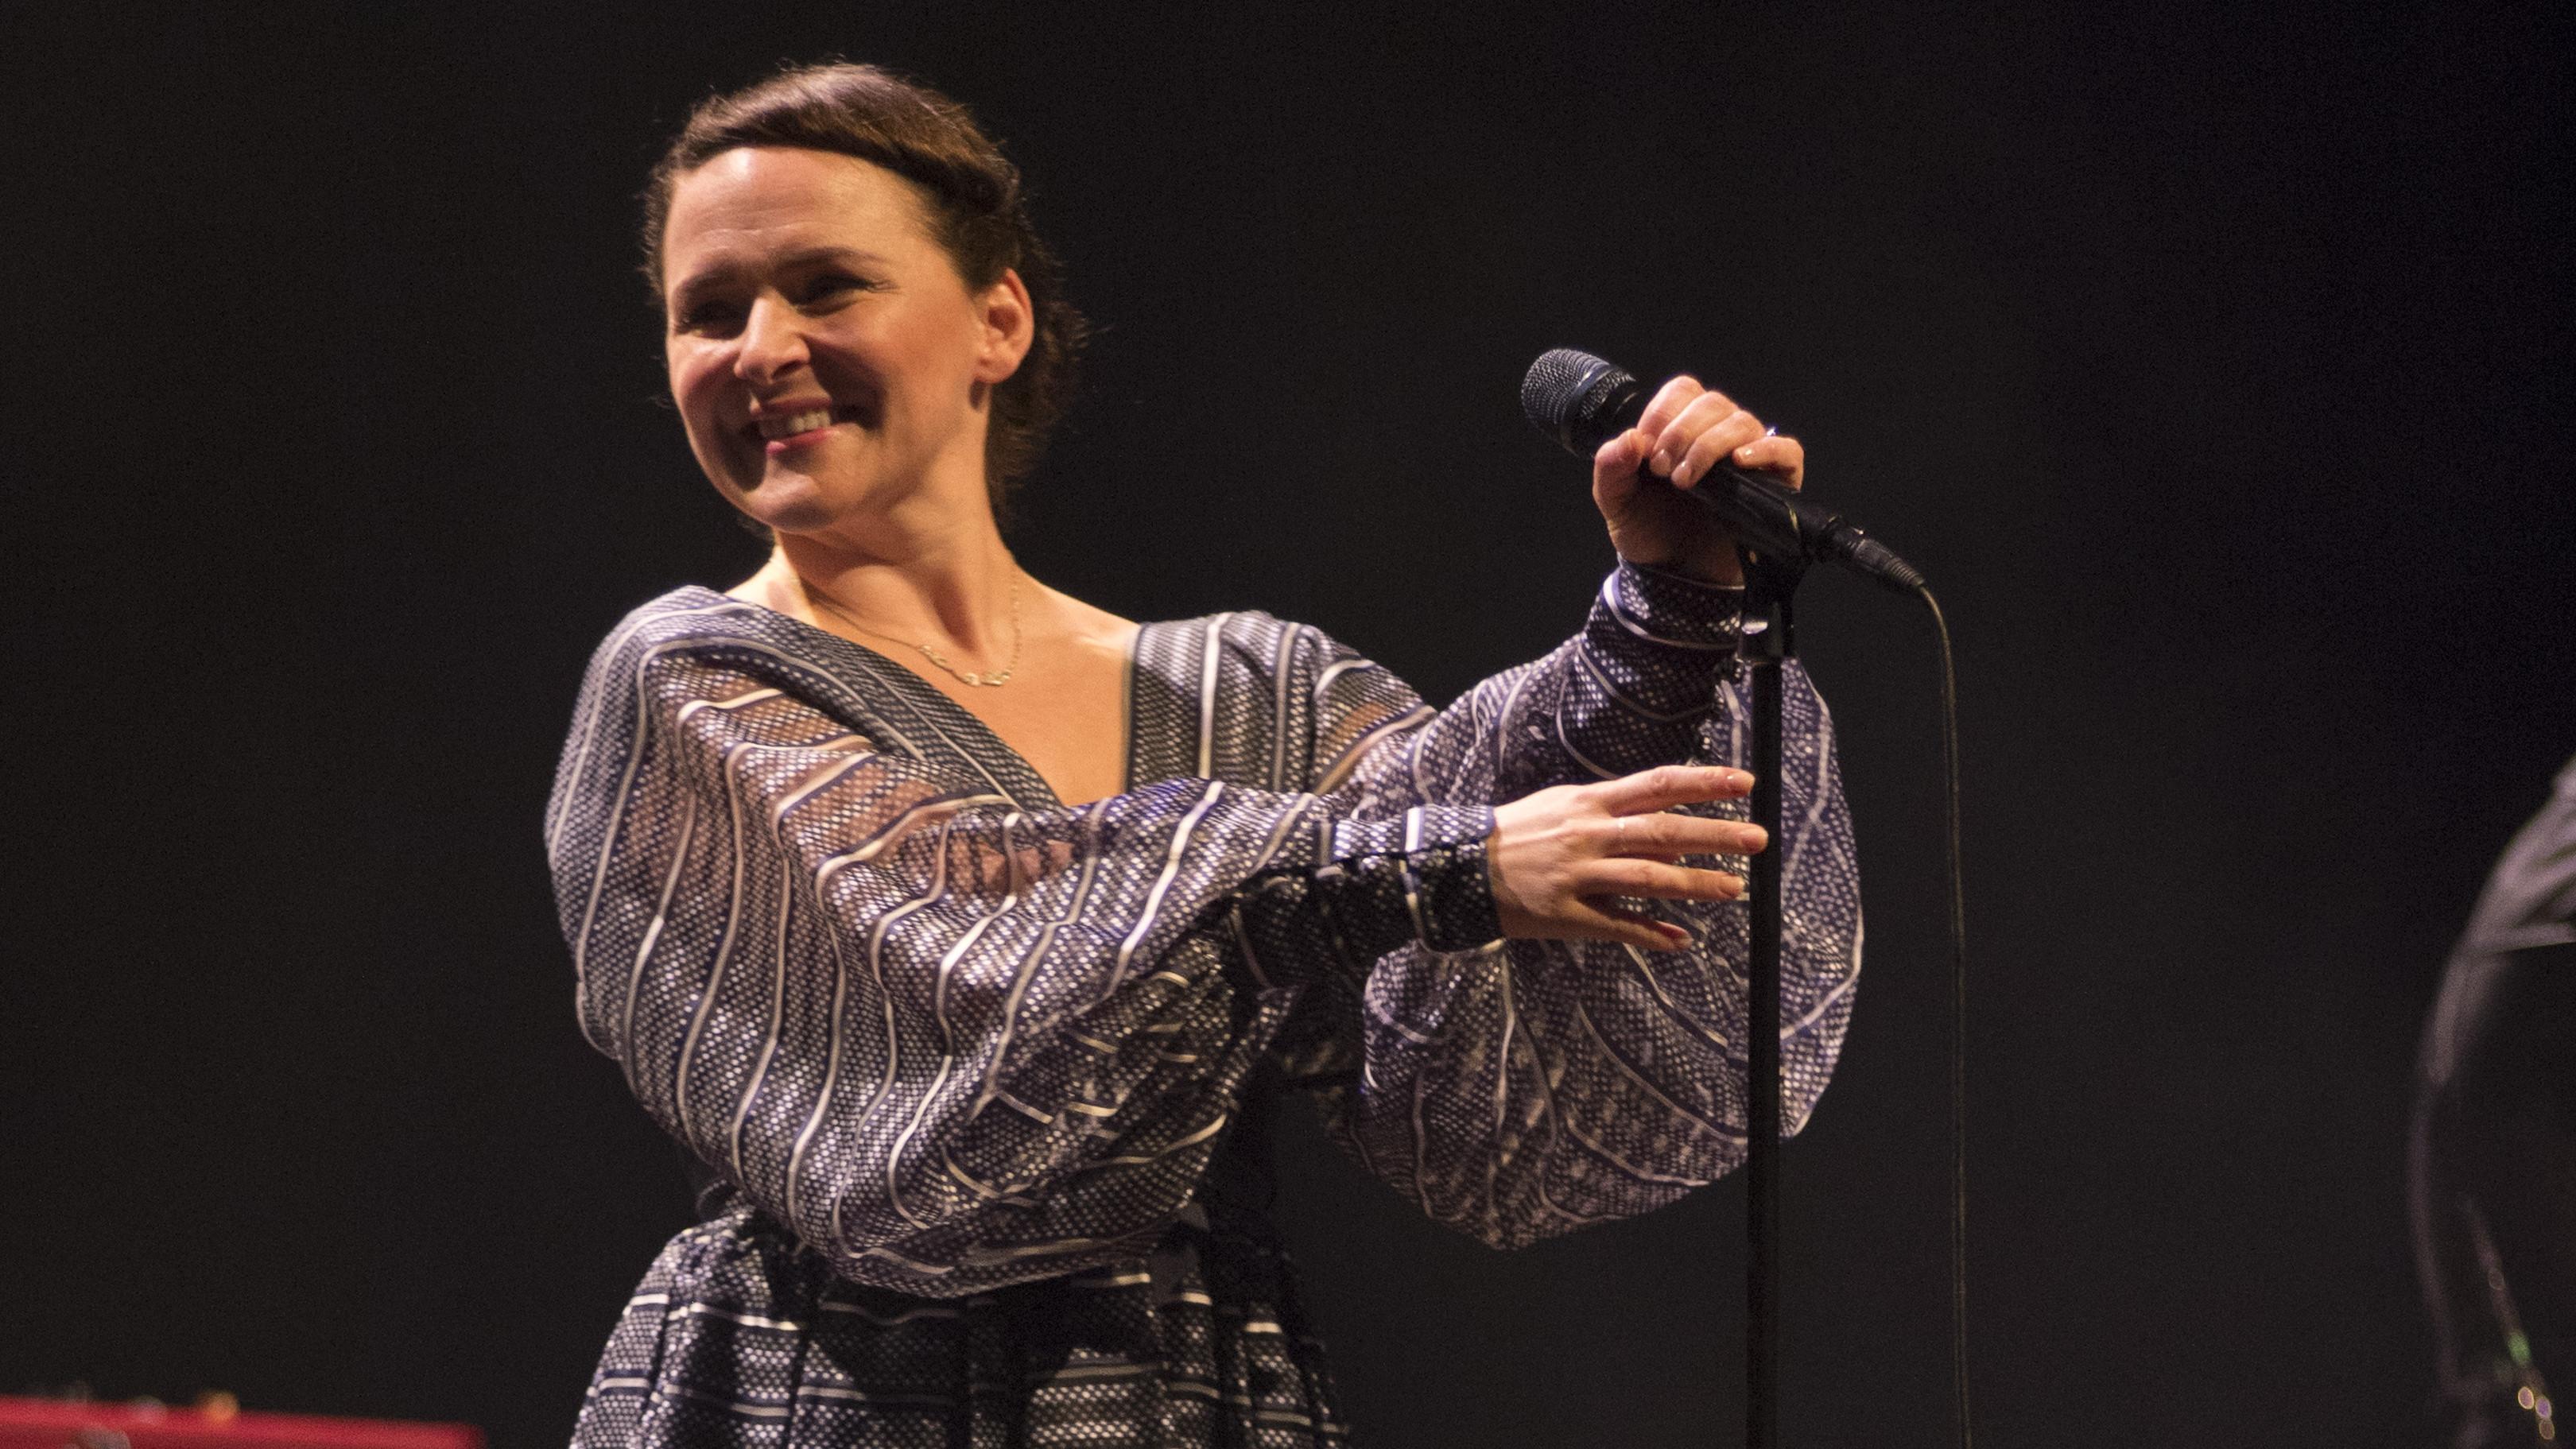 BARCELONA, SPAIN - APRIL 17:  Emiliana Torrini perfoms on stage at L'Auditori on April 17, 2015 in Barcelona, Spain  (Photo b